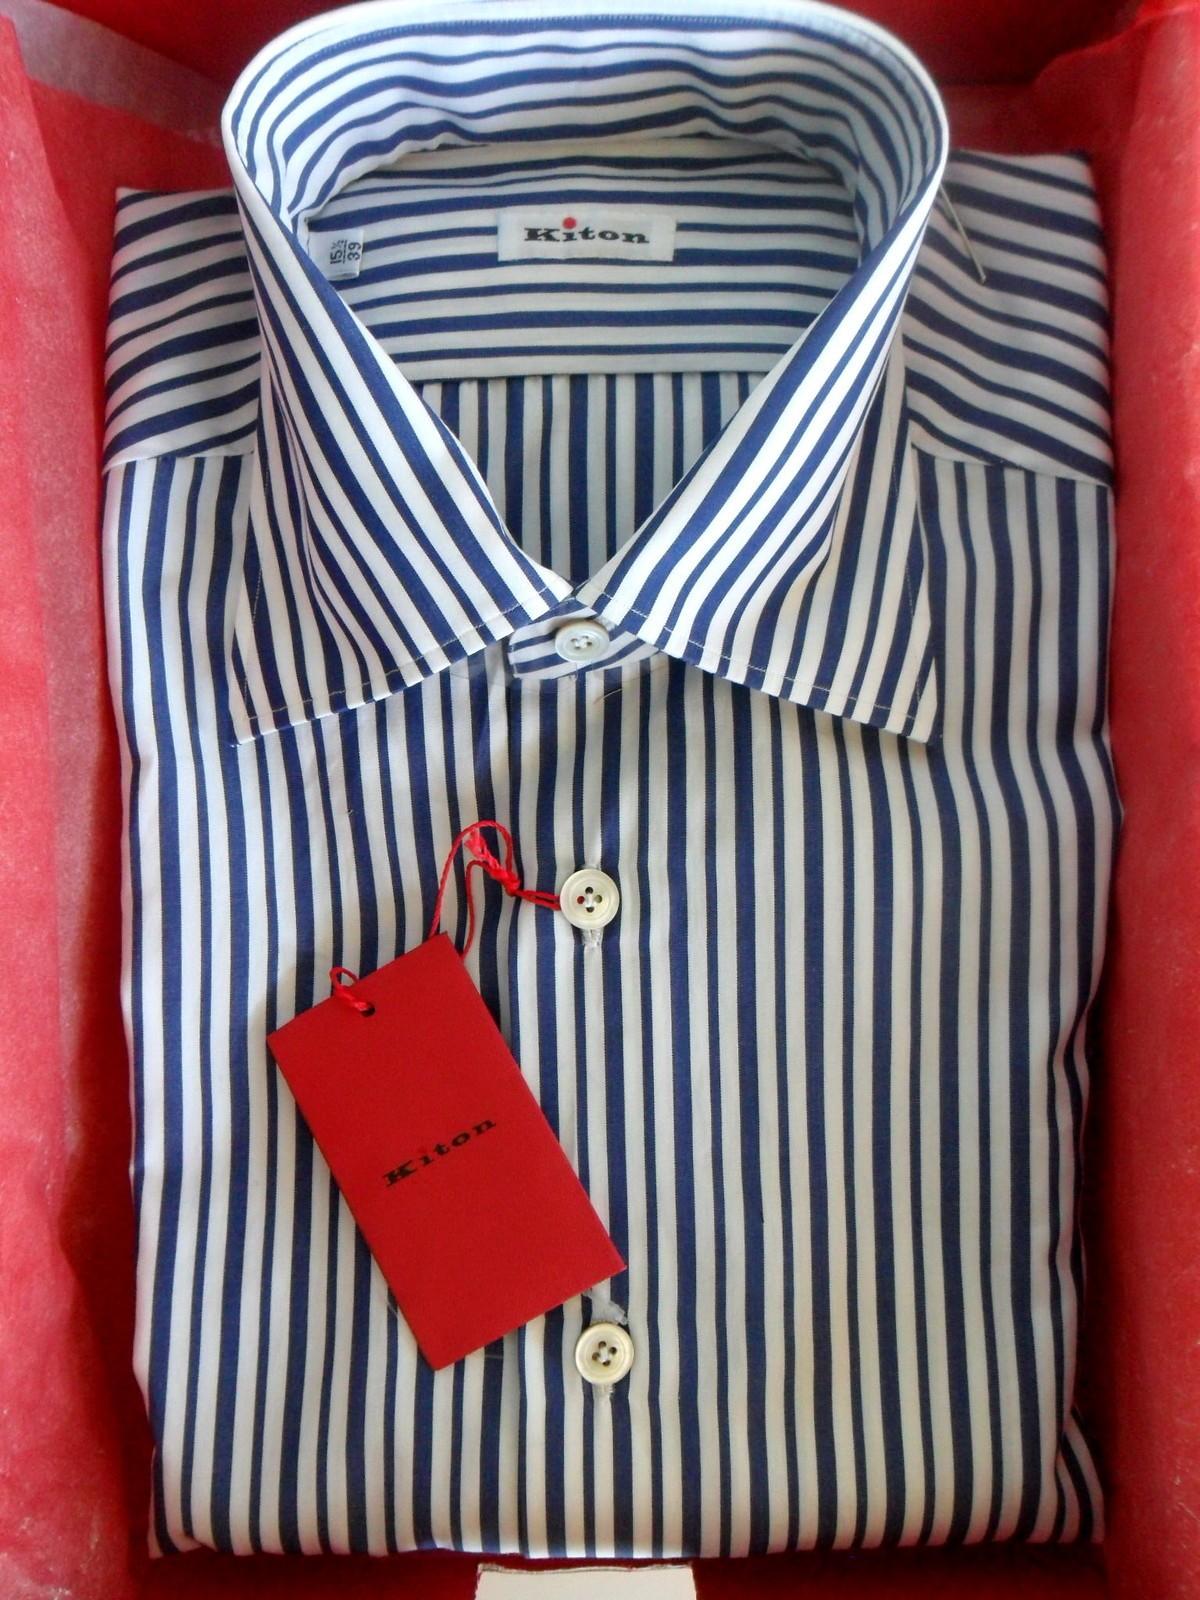 Kiton Dress Shirt Without Collar Stays Styleforum